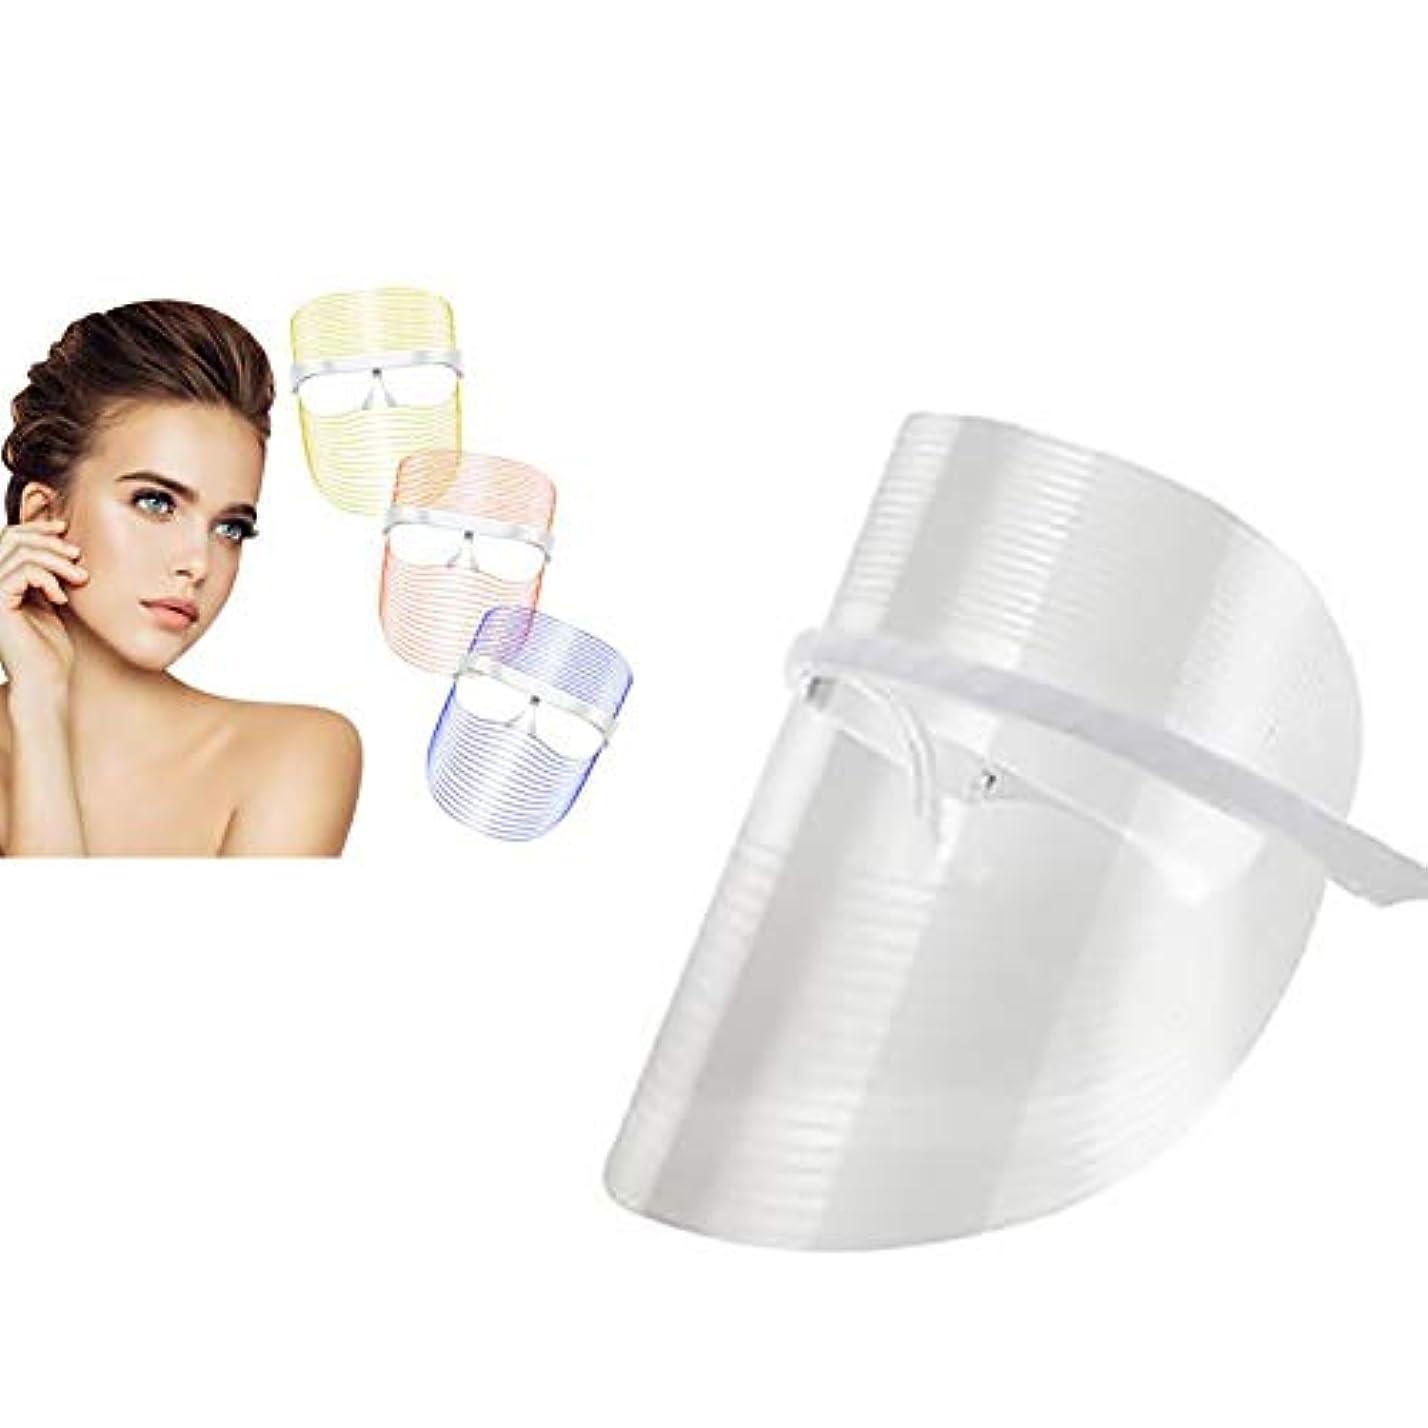 のホストベイビー一時停止3色LEDライトセラピーフェイスマスク美容器具フェイシャルスパトリートメントアンチエイジングアンチアクネシワ除去